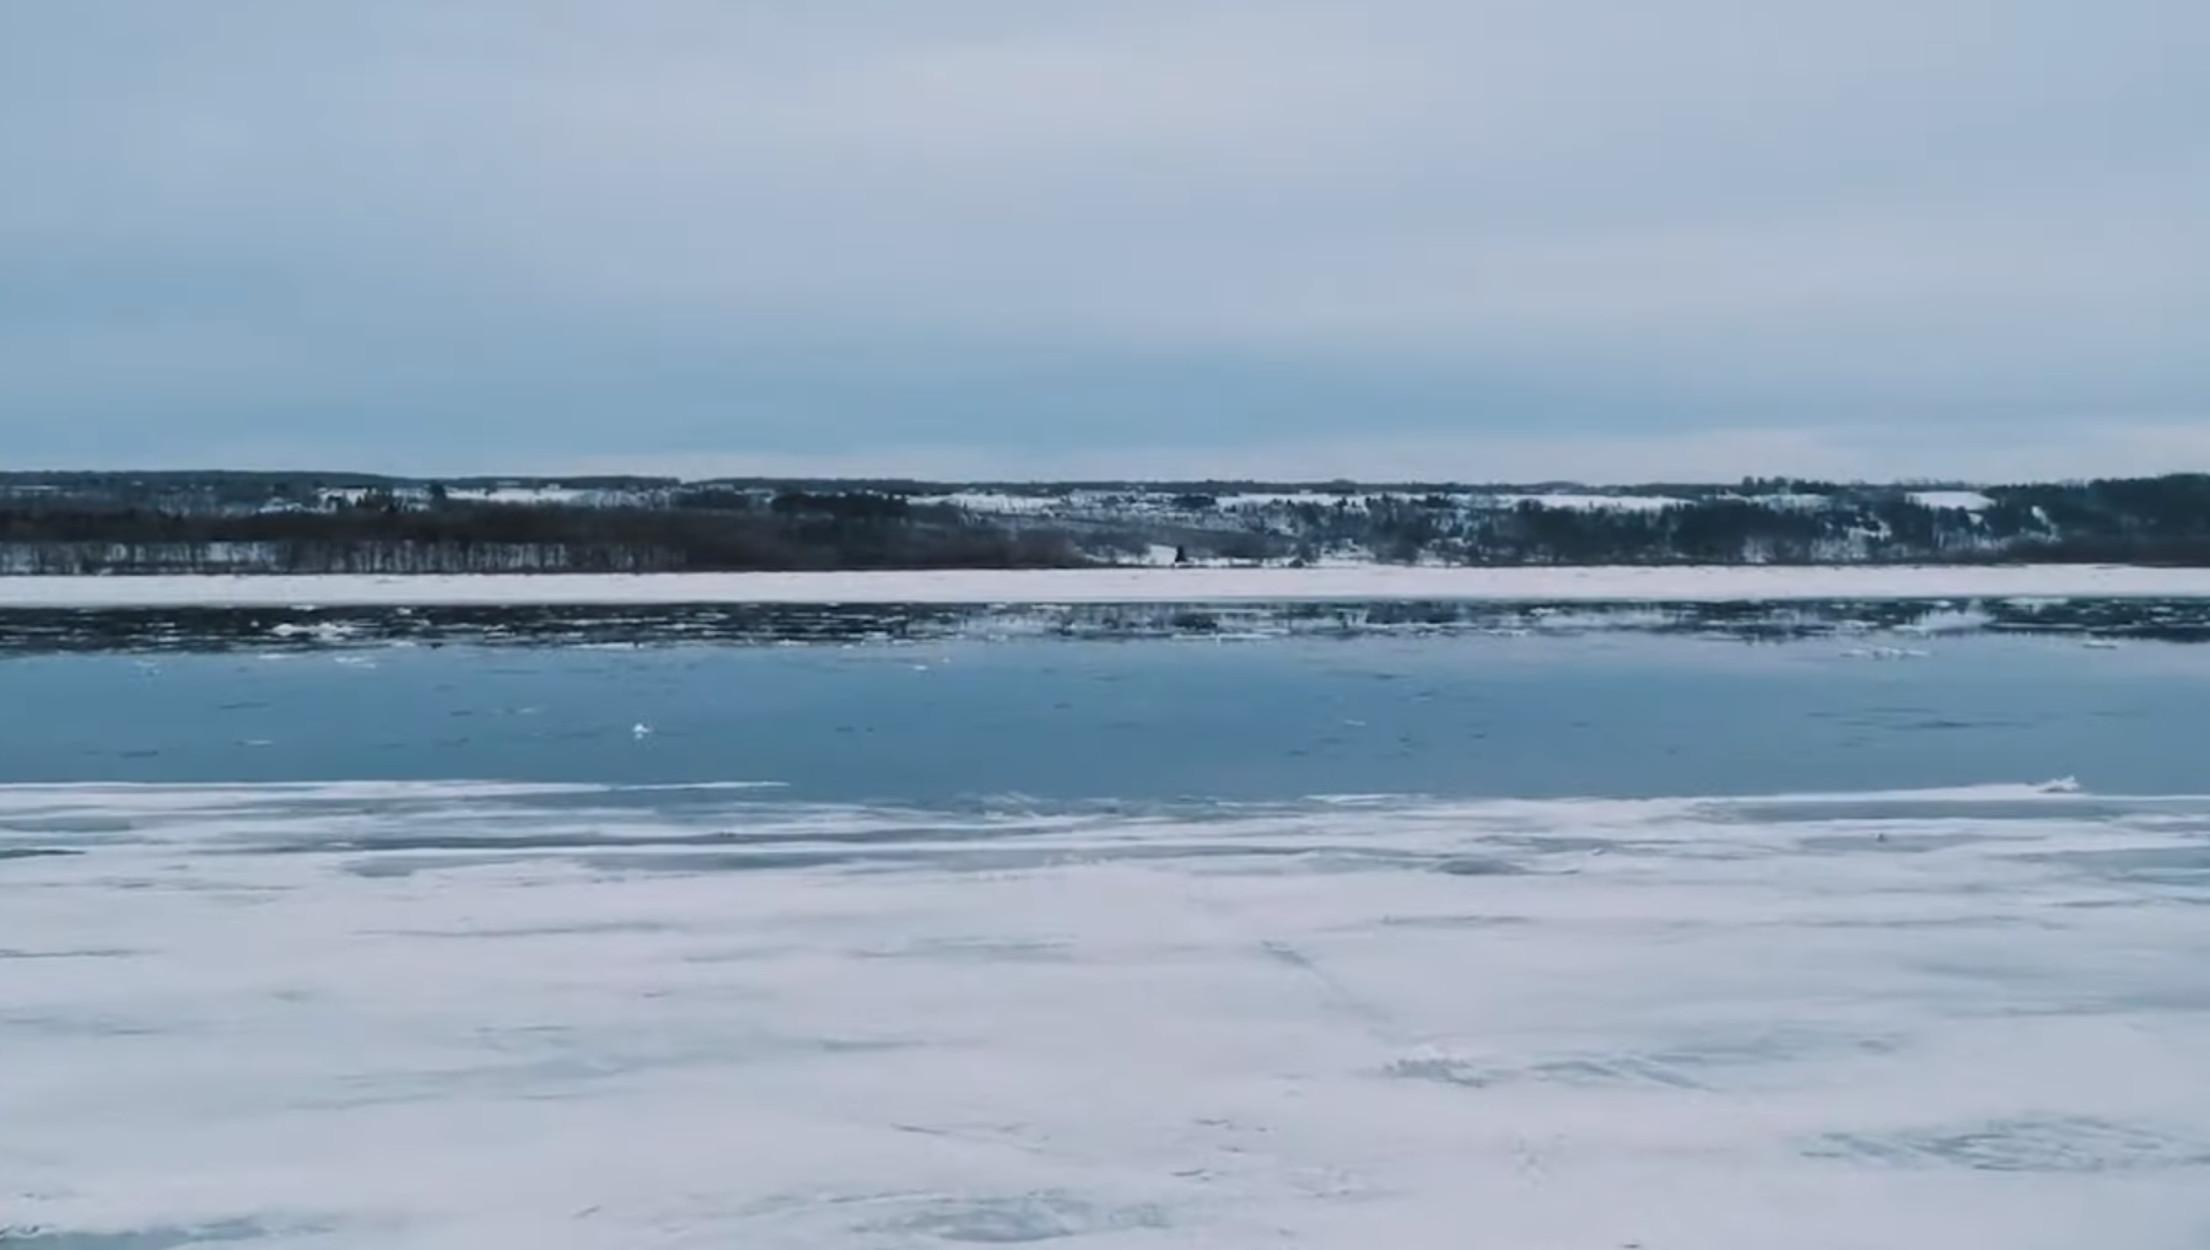 Γροιλανδία: Χάθηκαν 3,8 τρισ. τόνοι πάγου μέσα σε 26 χρόνια!